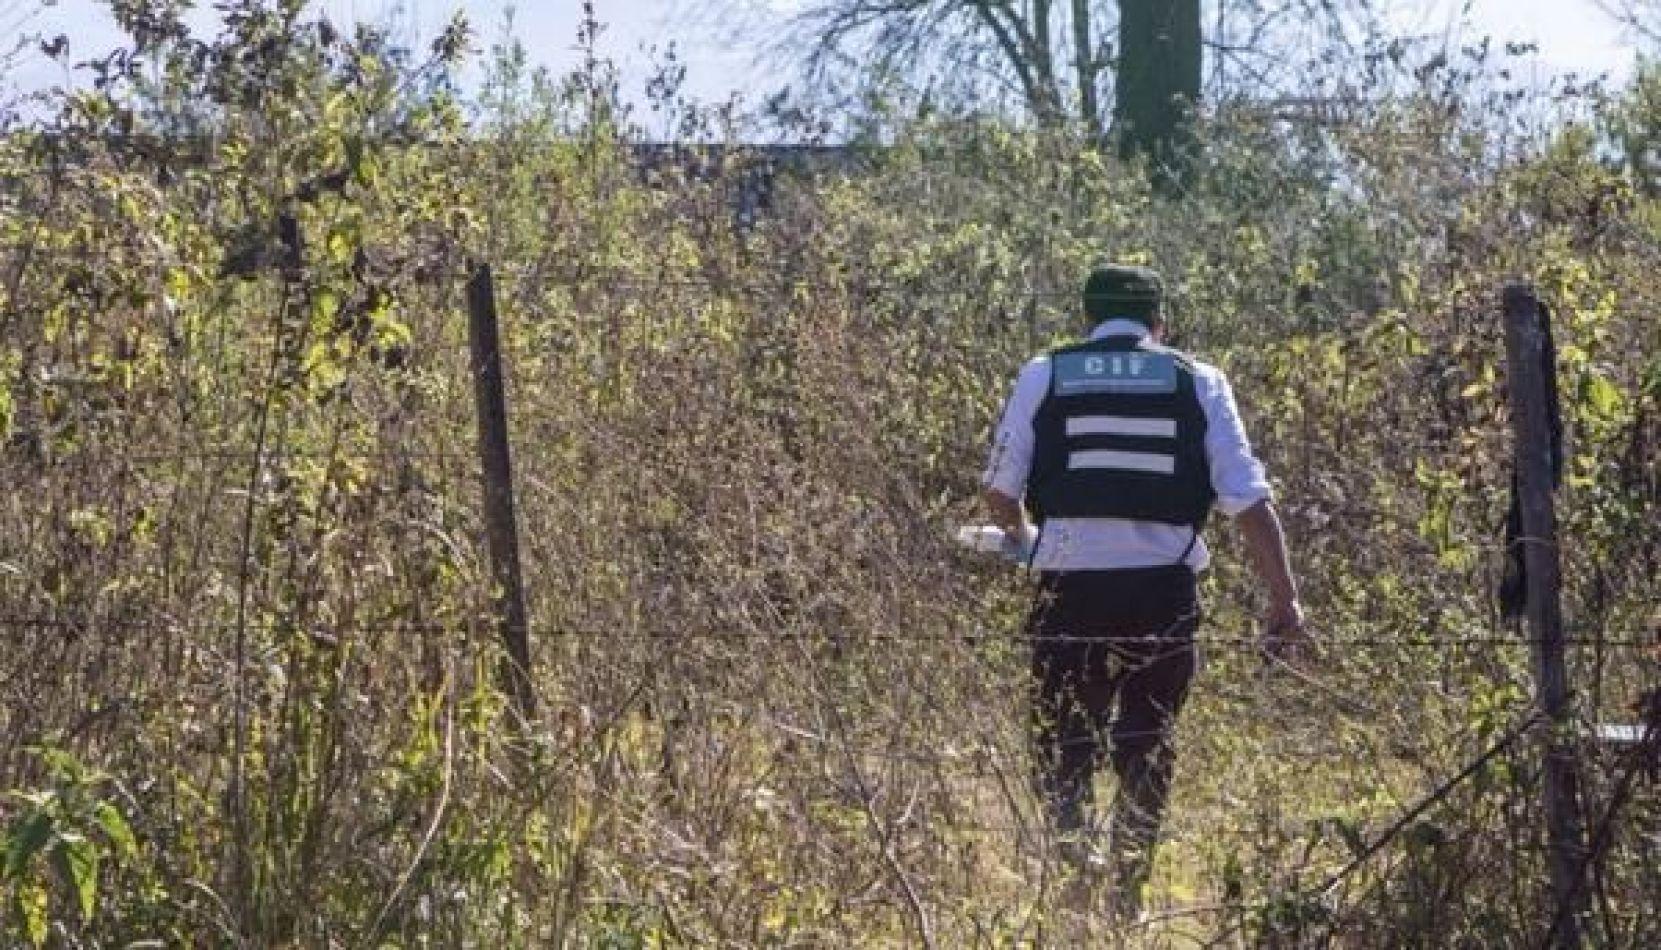 Homicidio en La Silleta: Los presuntos asesinos fueron identificados y se negaron a declarar